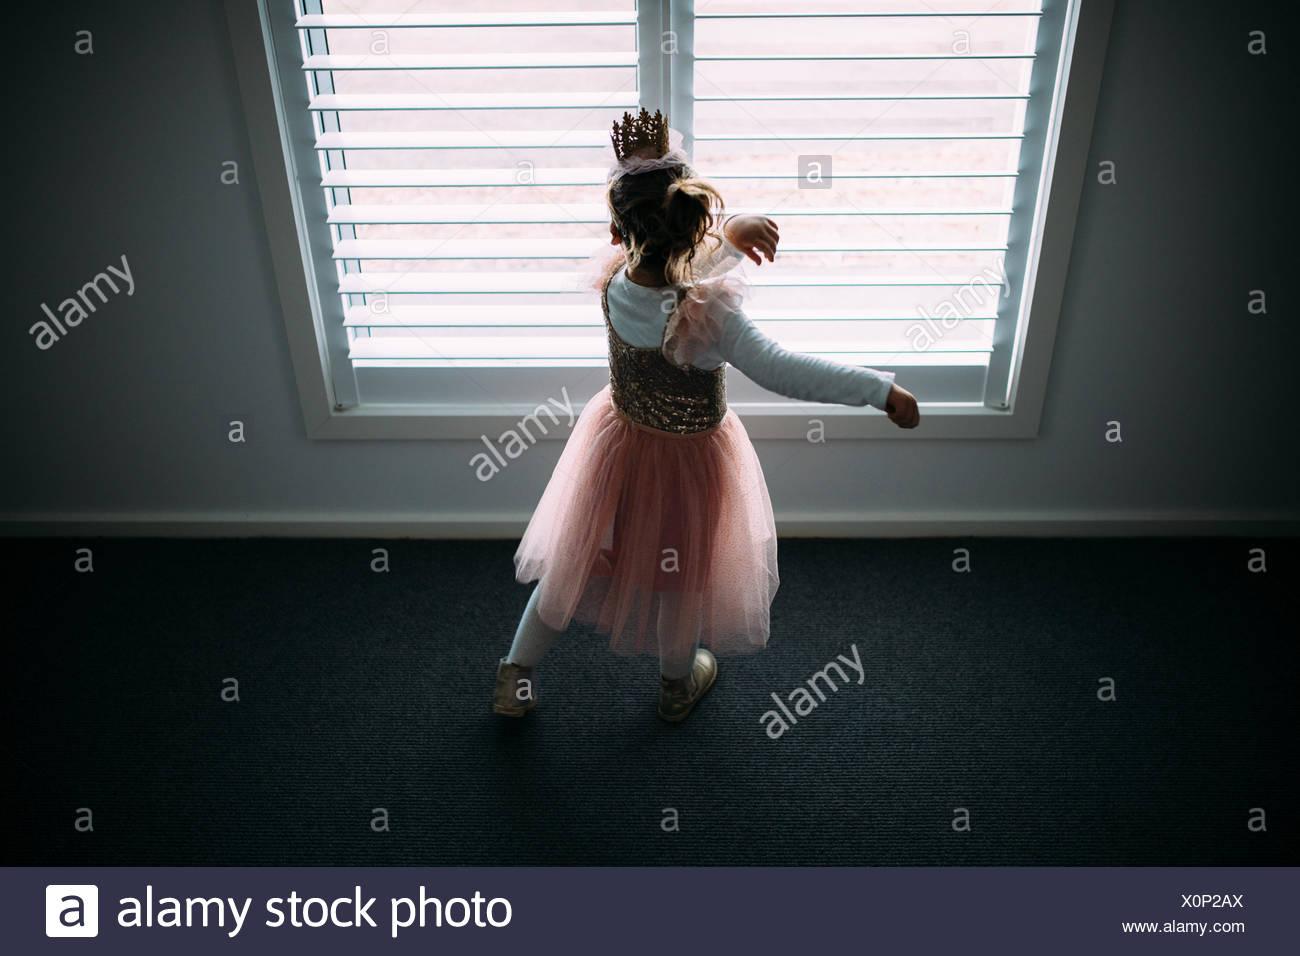 Girl in tutu dress dancing - Stock Image